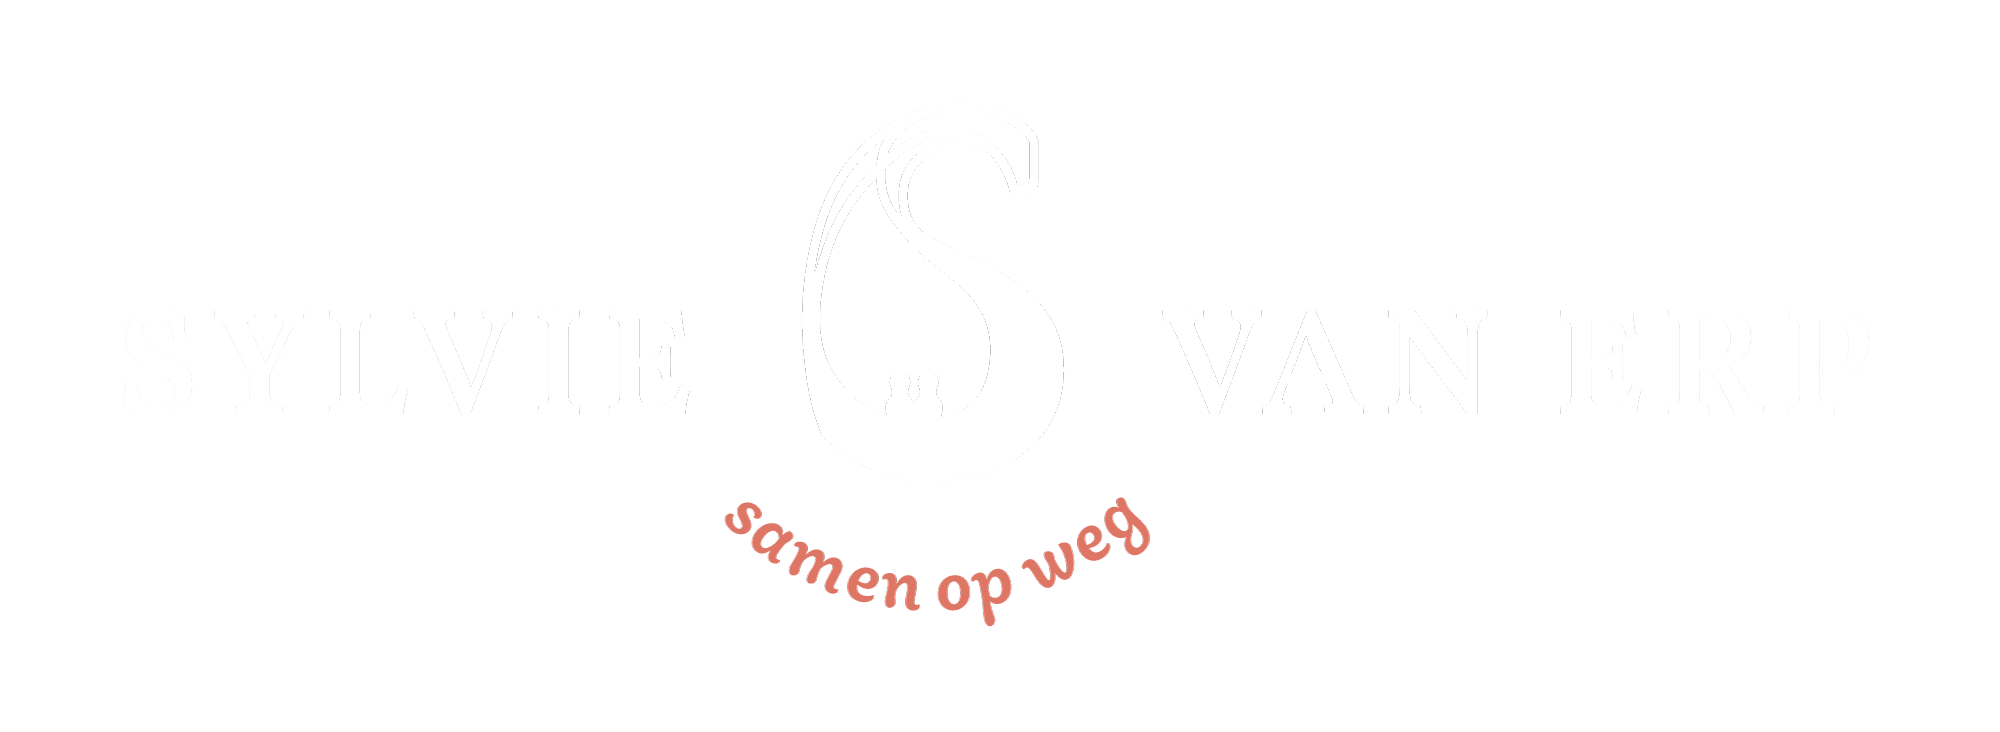 Sylvie van Erp